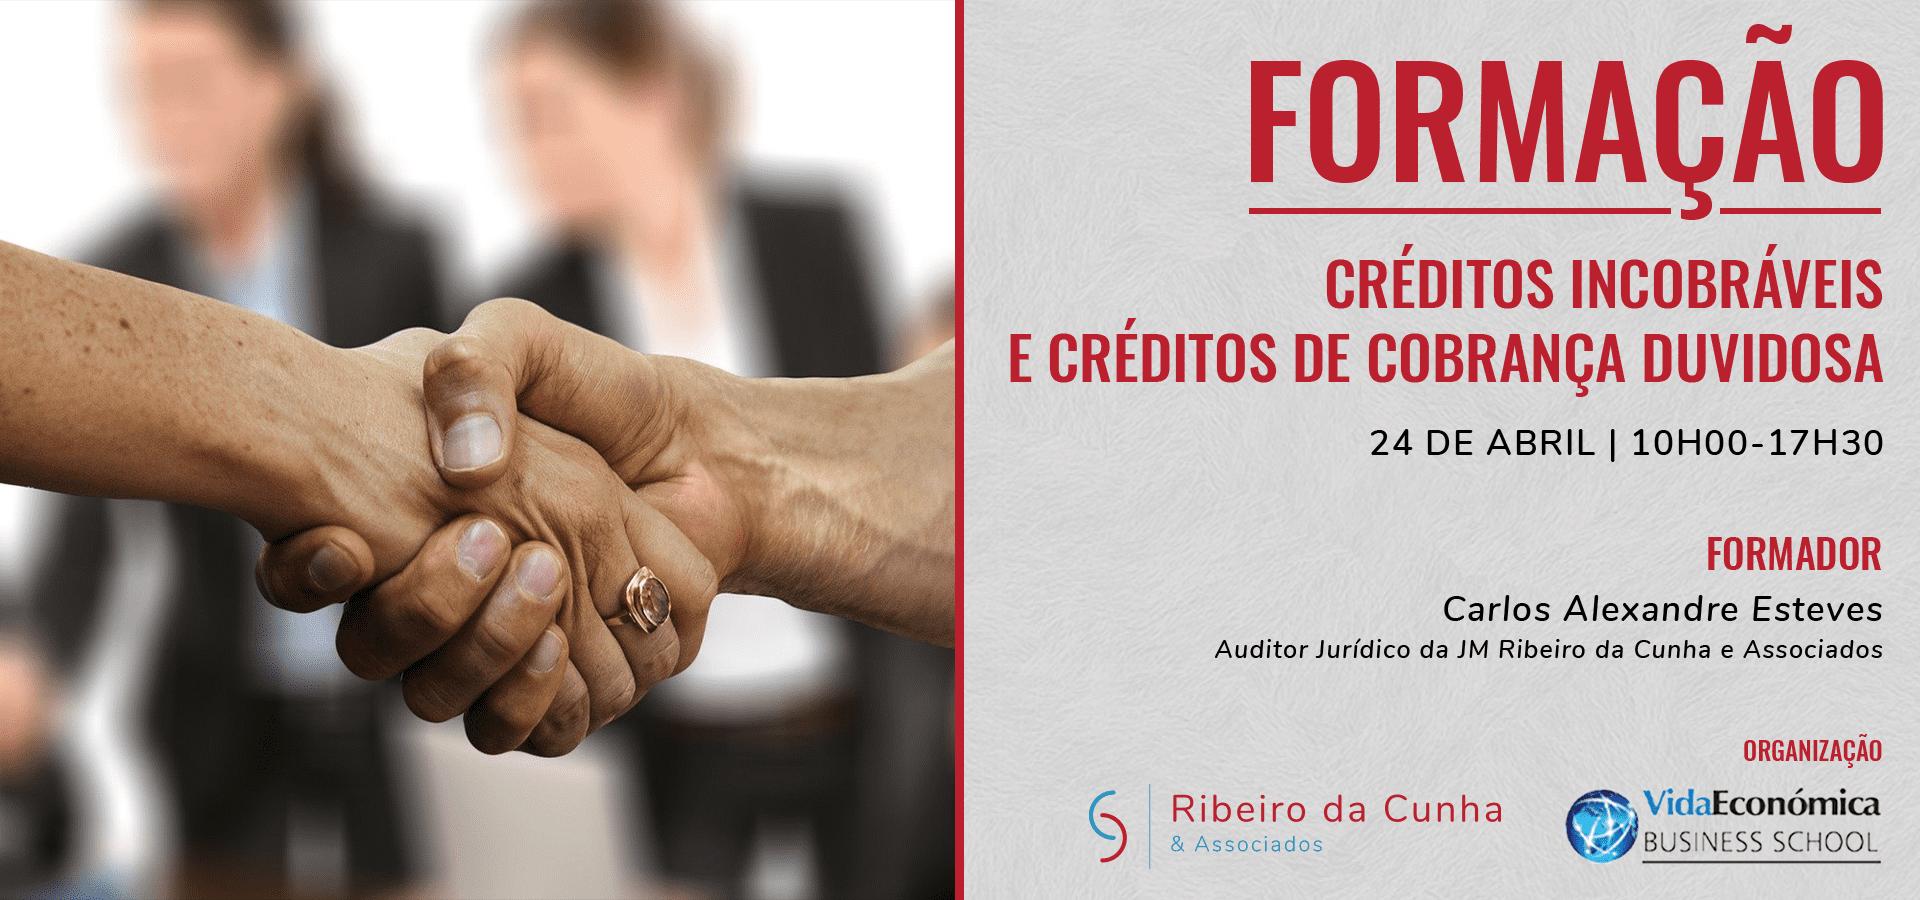 Ação de formação Crédito Incobráveis e Créditos de Cobrança Duvidosa - JMRC & Associados | Vida económica